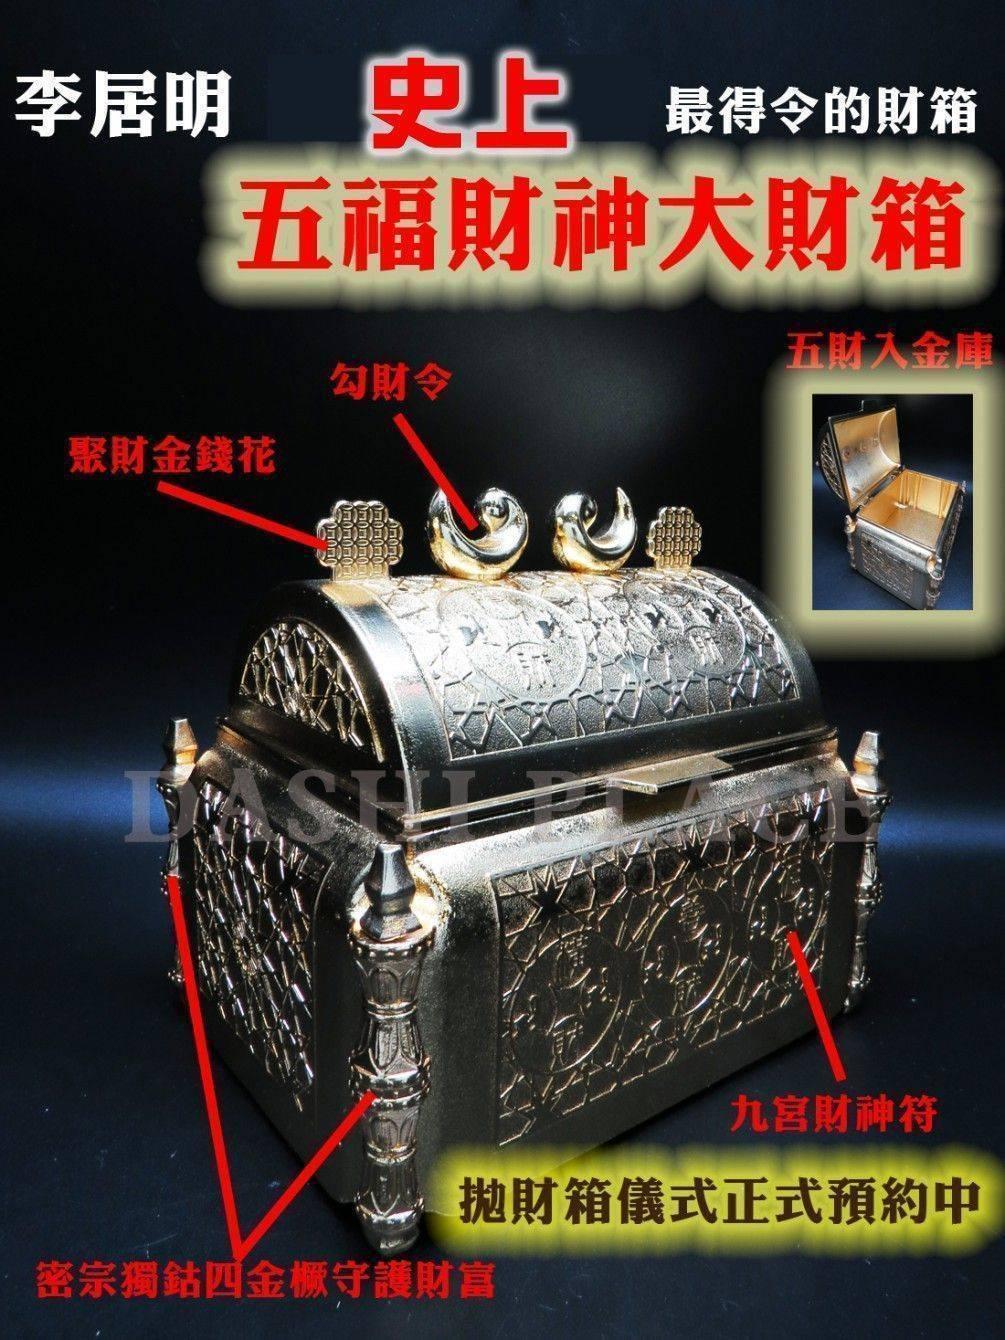 史上最強大的財箱~五福財神大財箱